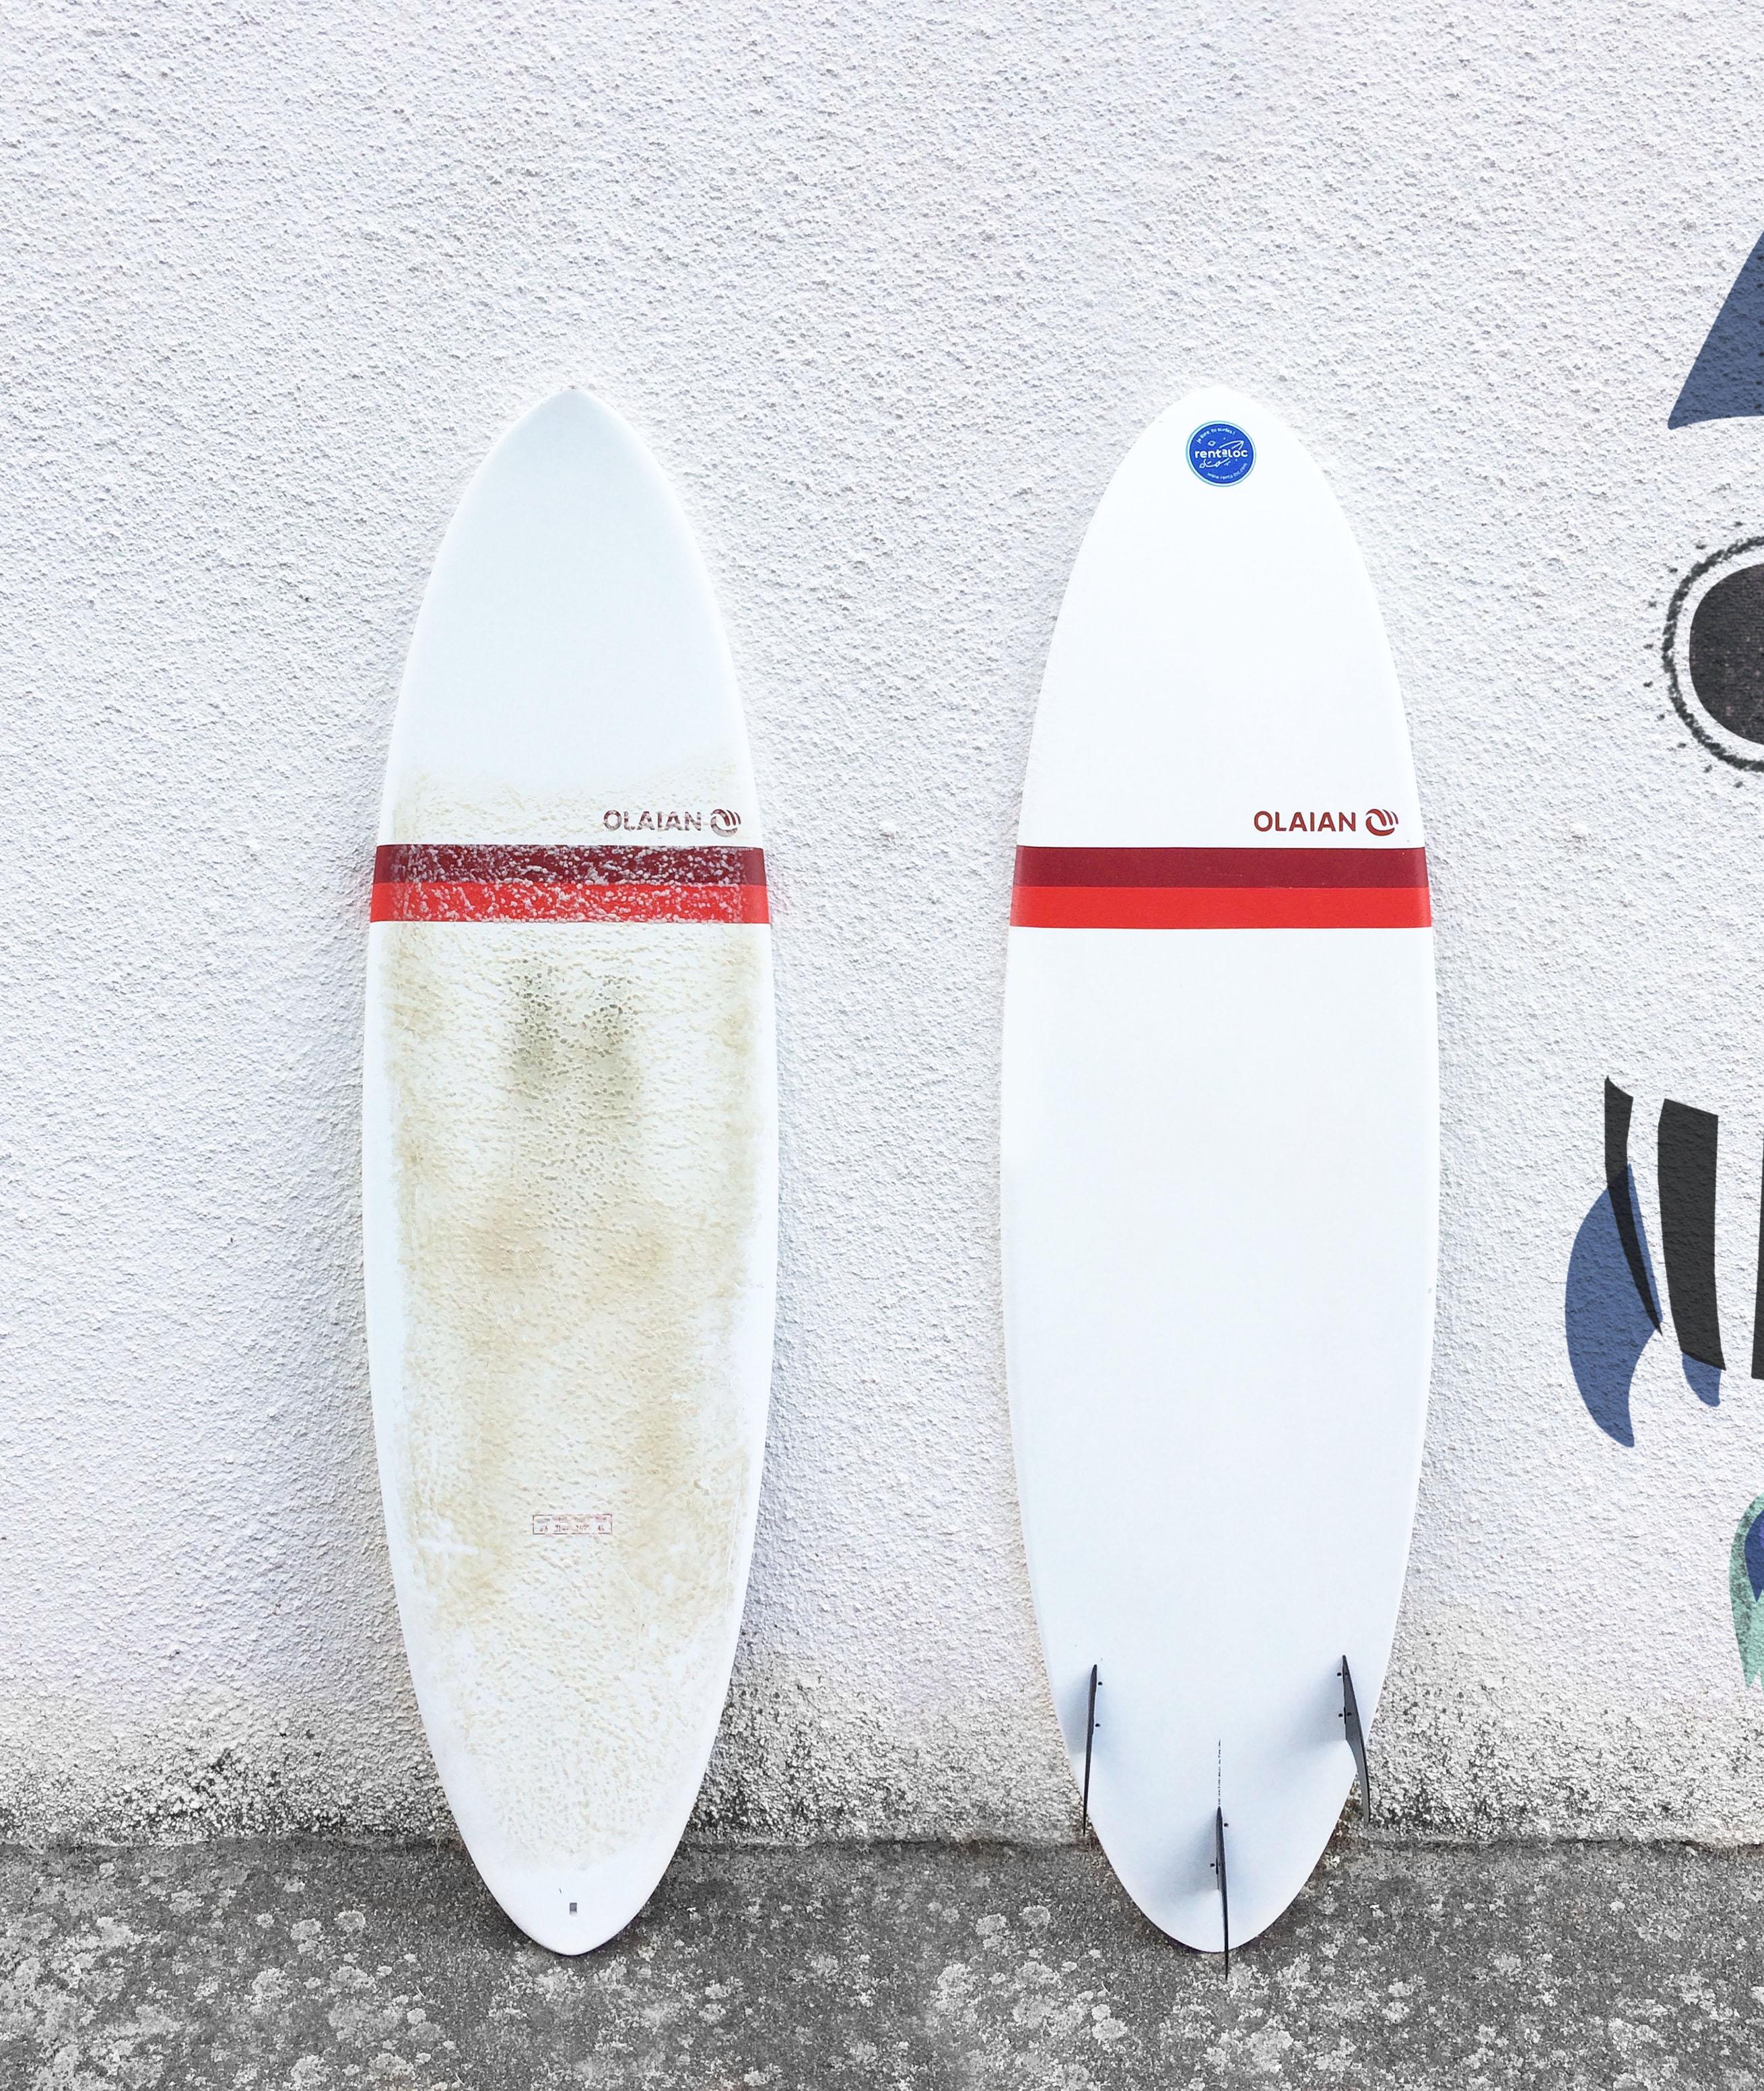 planche surf rigide olaian 6'6